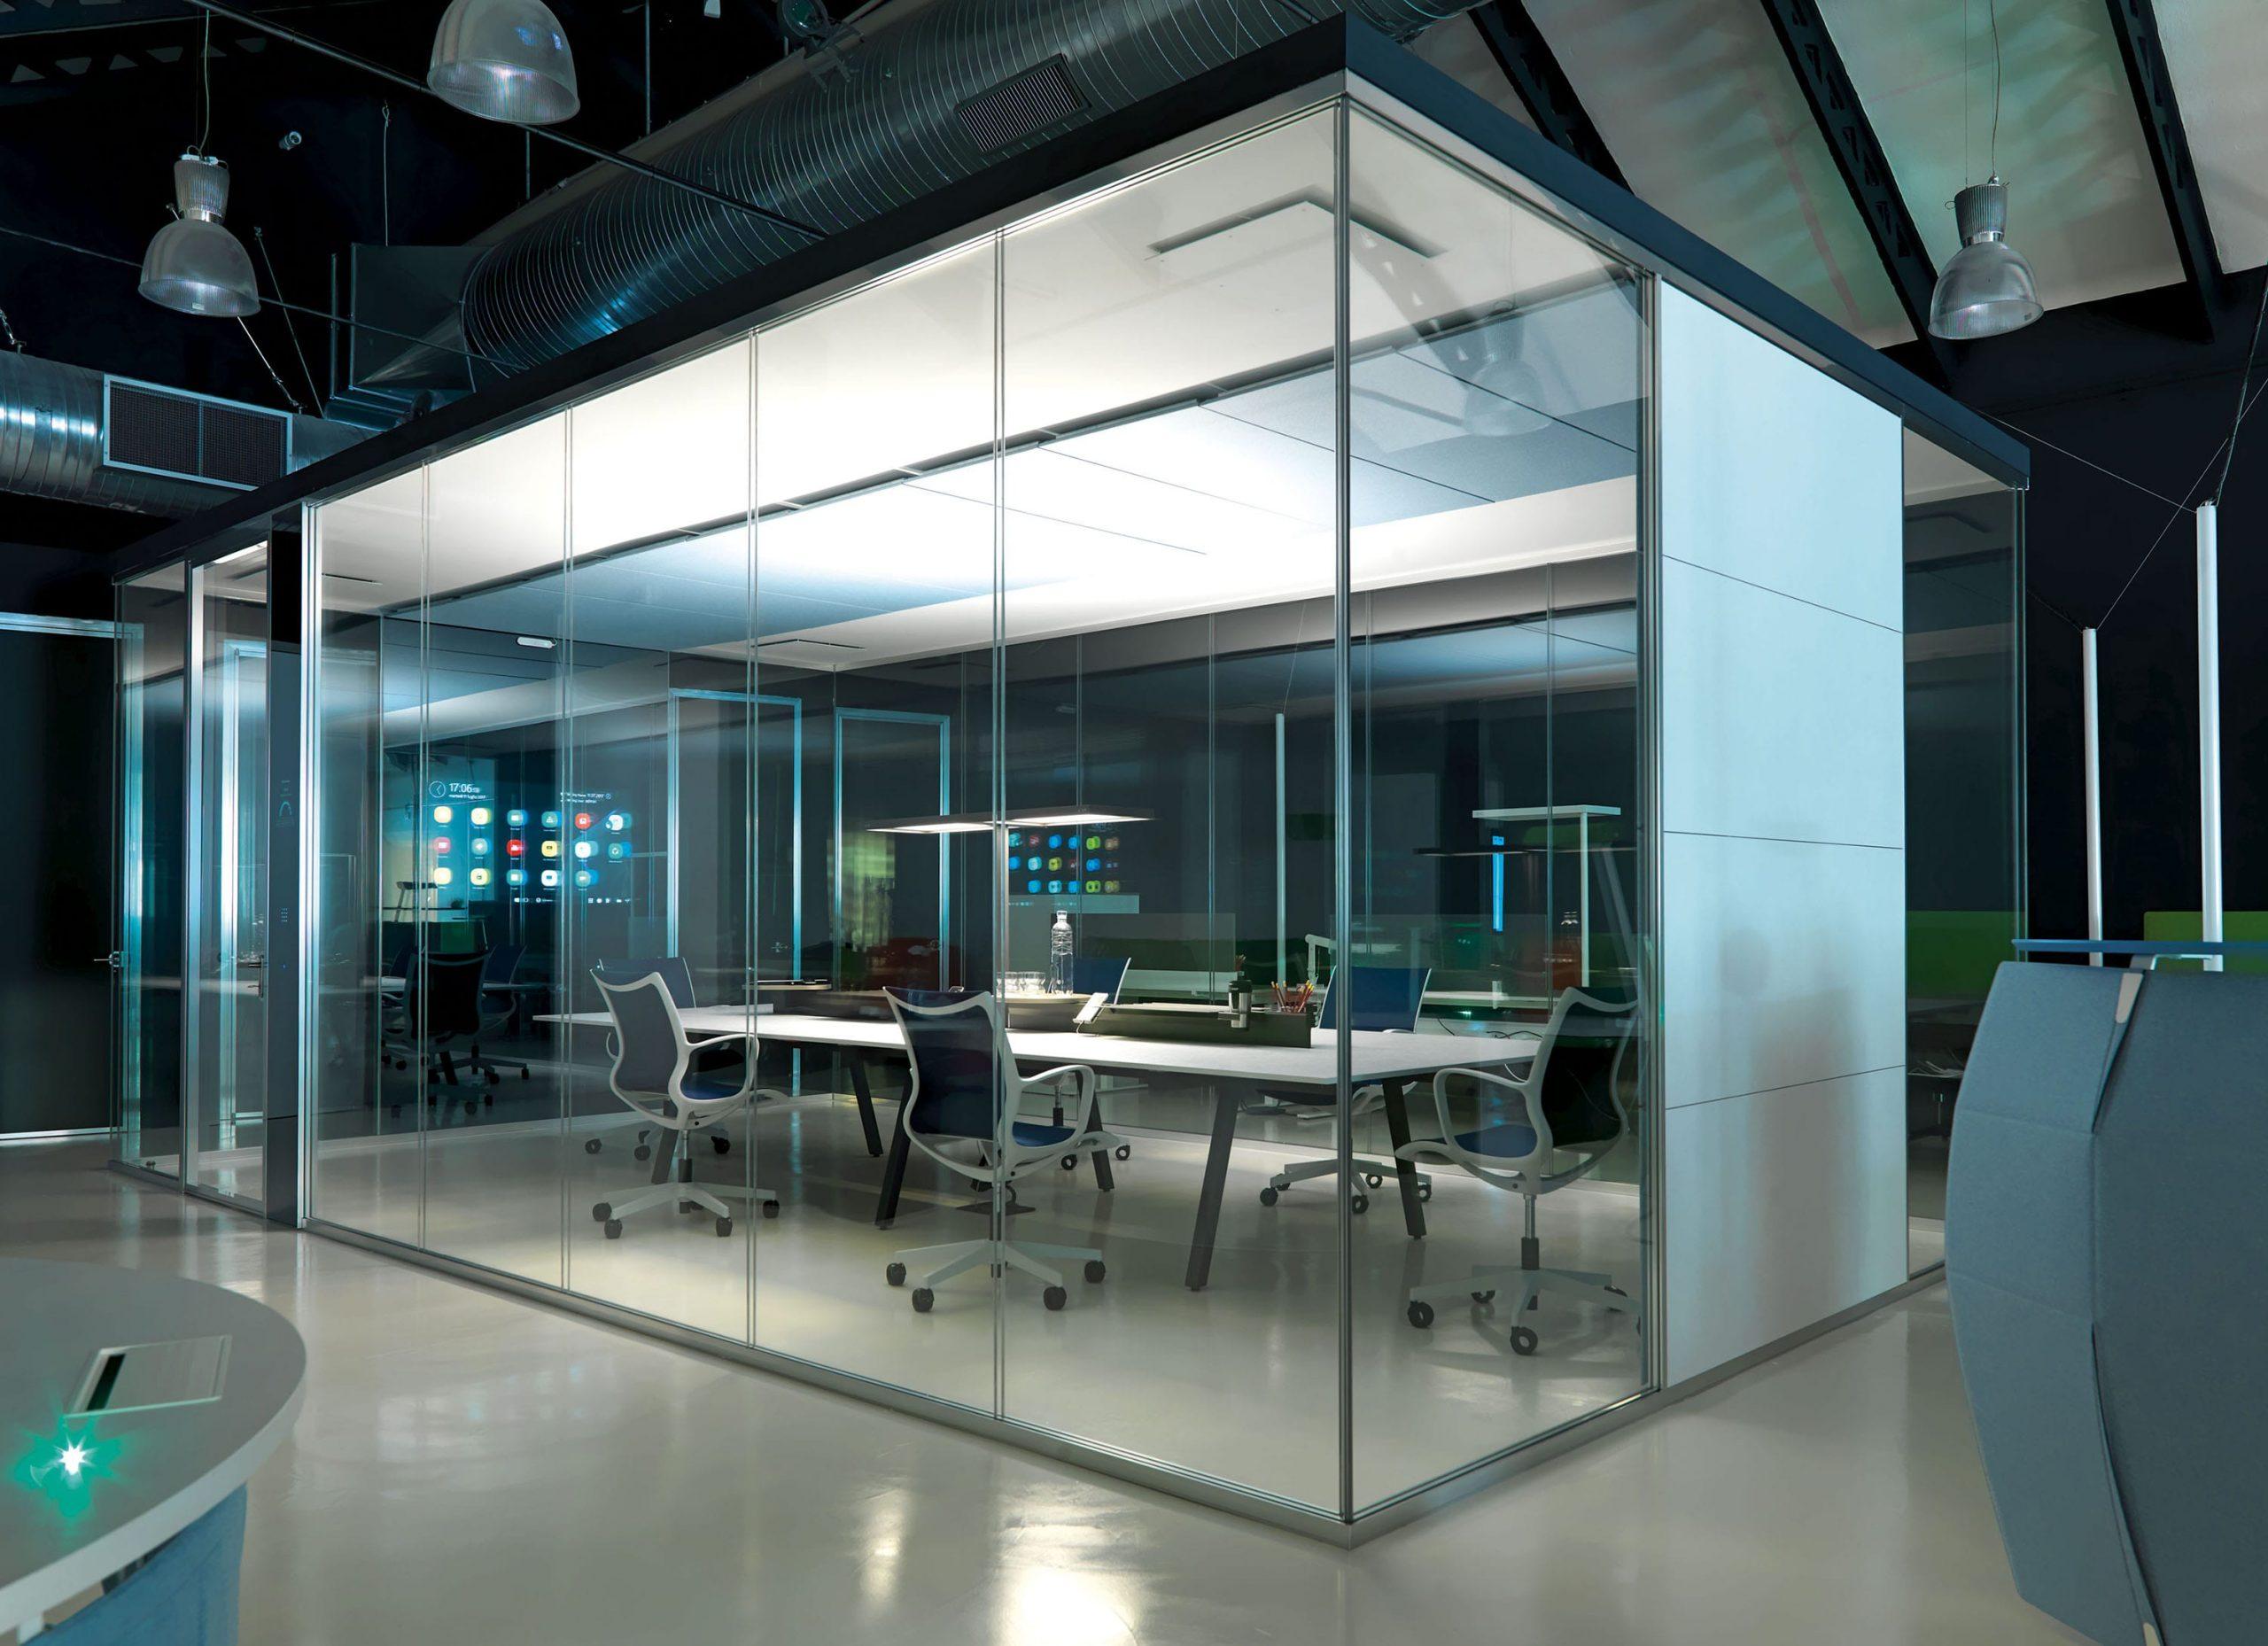 prenotare scrivania in ufficio